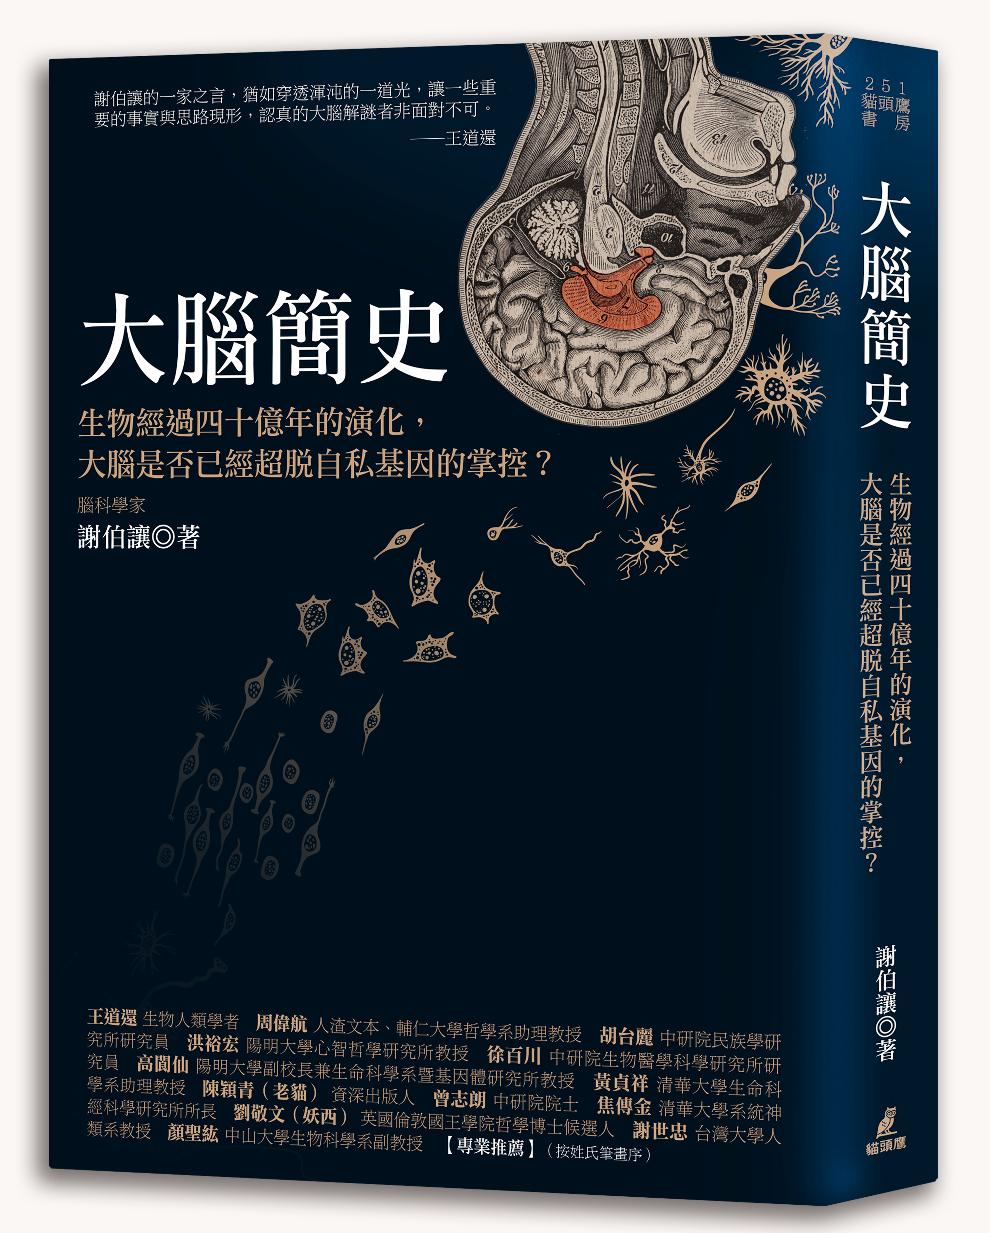 新書《大腦簡史》出版了!(2016.08.04)